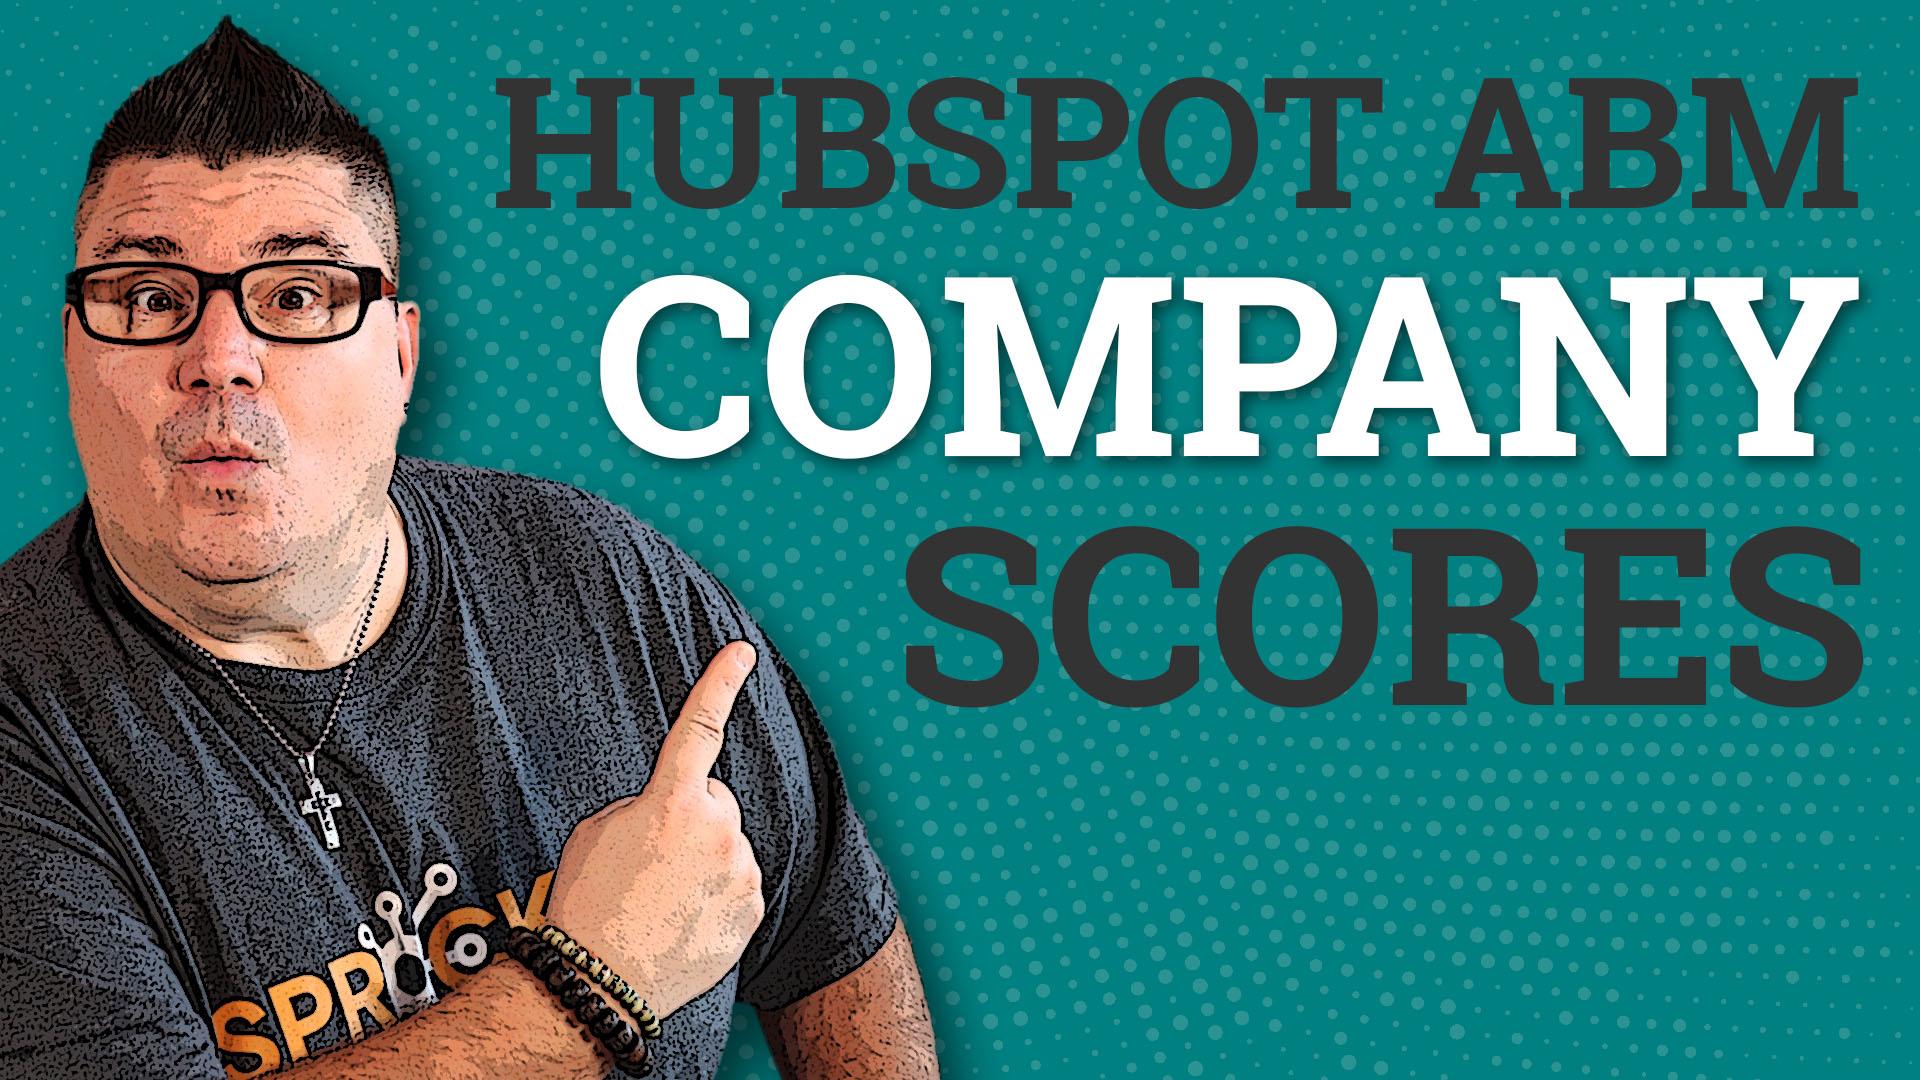 HubSpot ABM - Account-Based Marketing Company Score